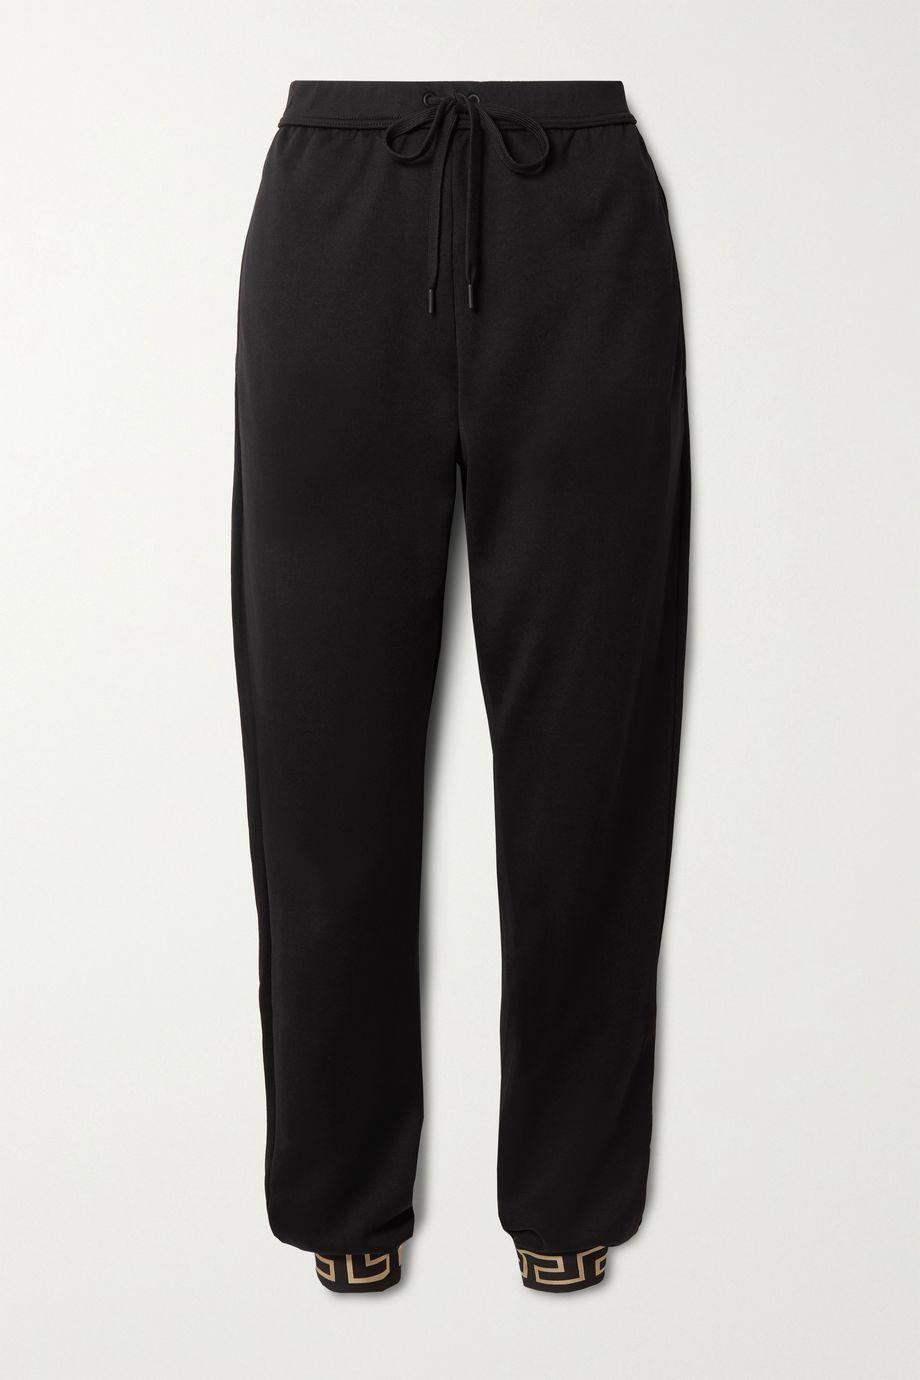 Versace 印花平纹布休闲裤